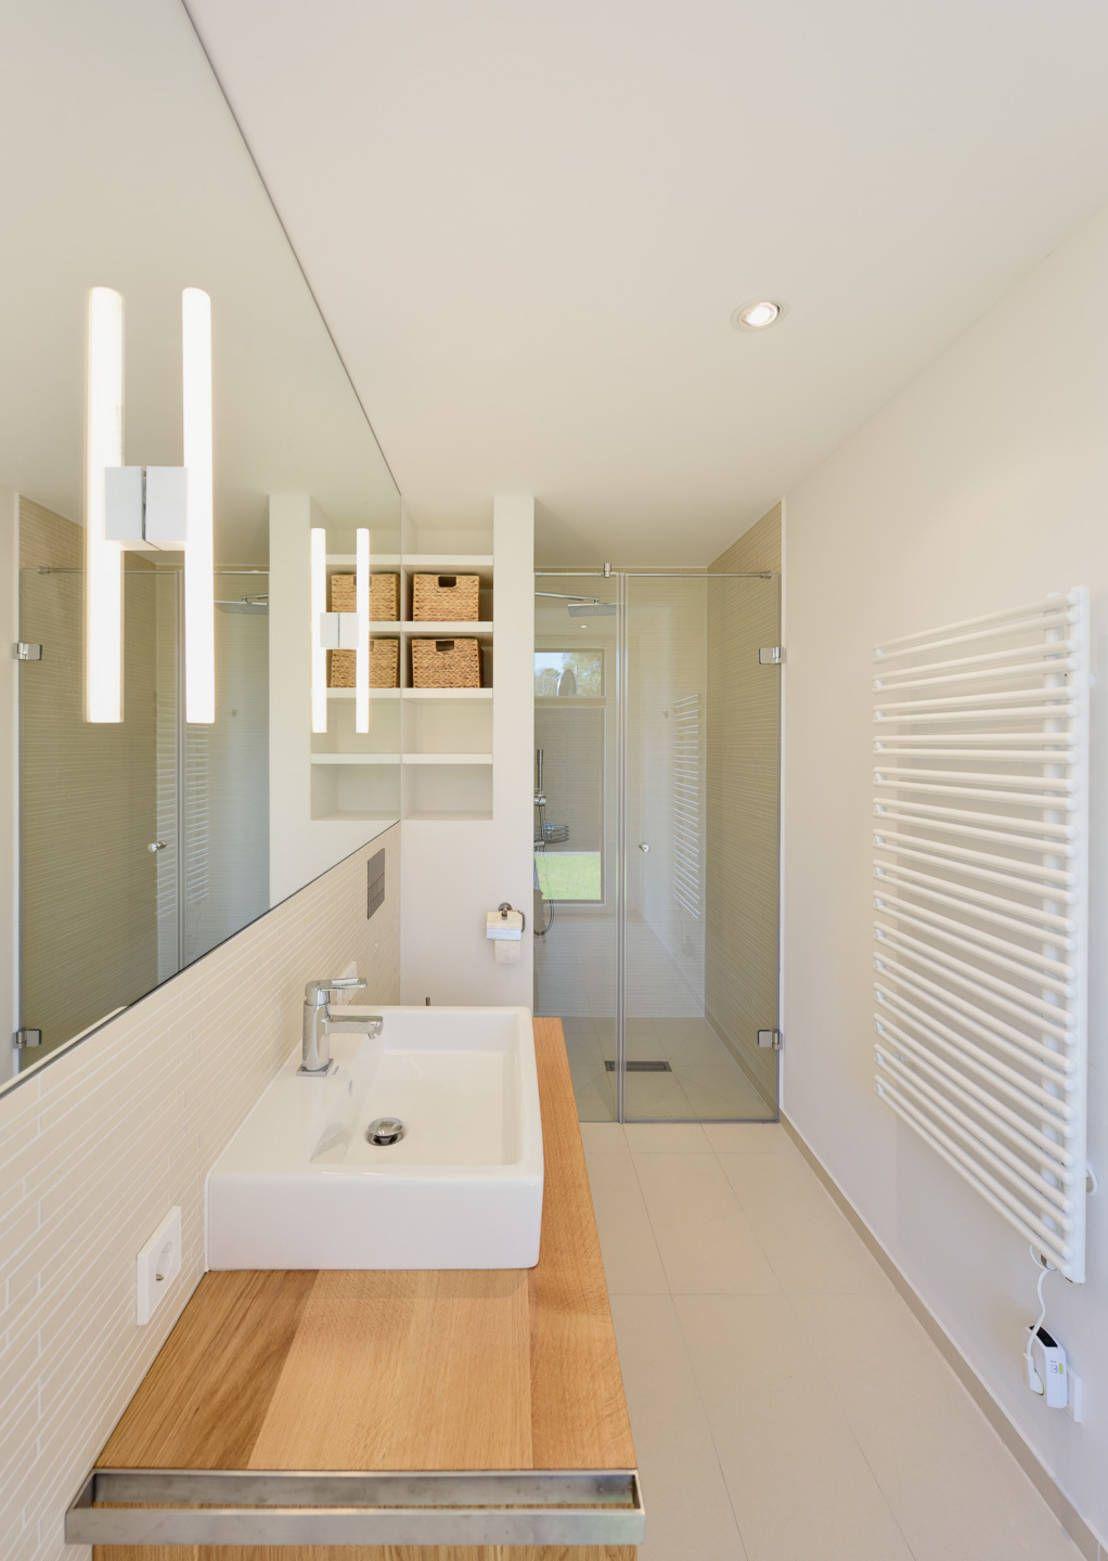 6 Ideen Um Kleine Badezimmer Zu Gestalten Minimalistische Bader